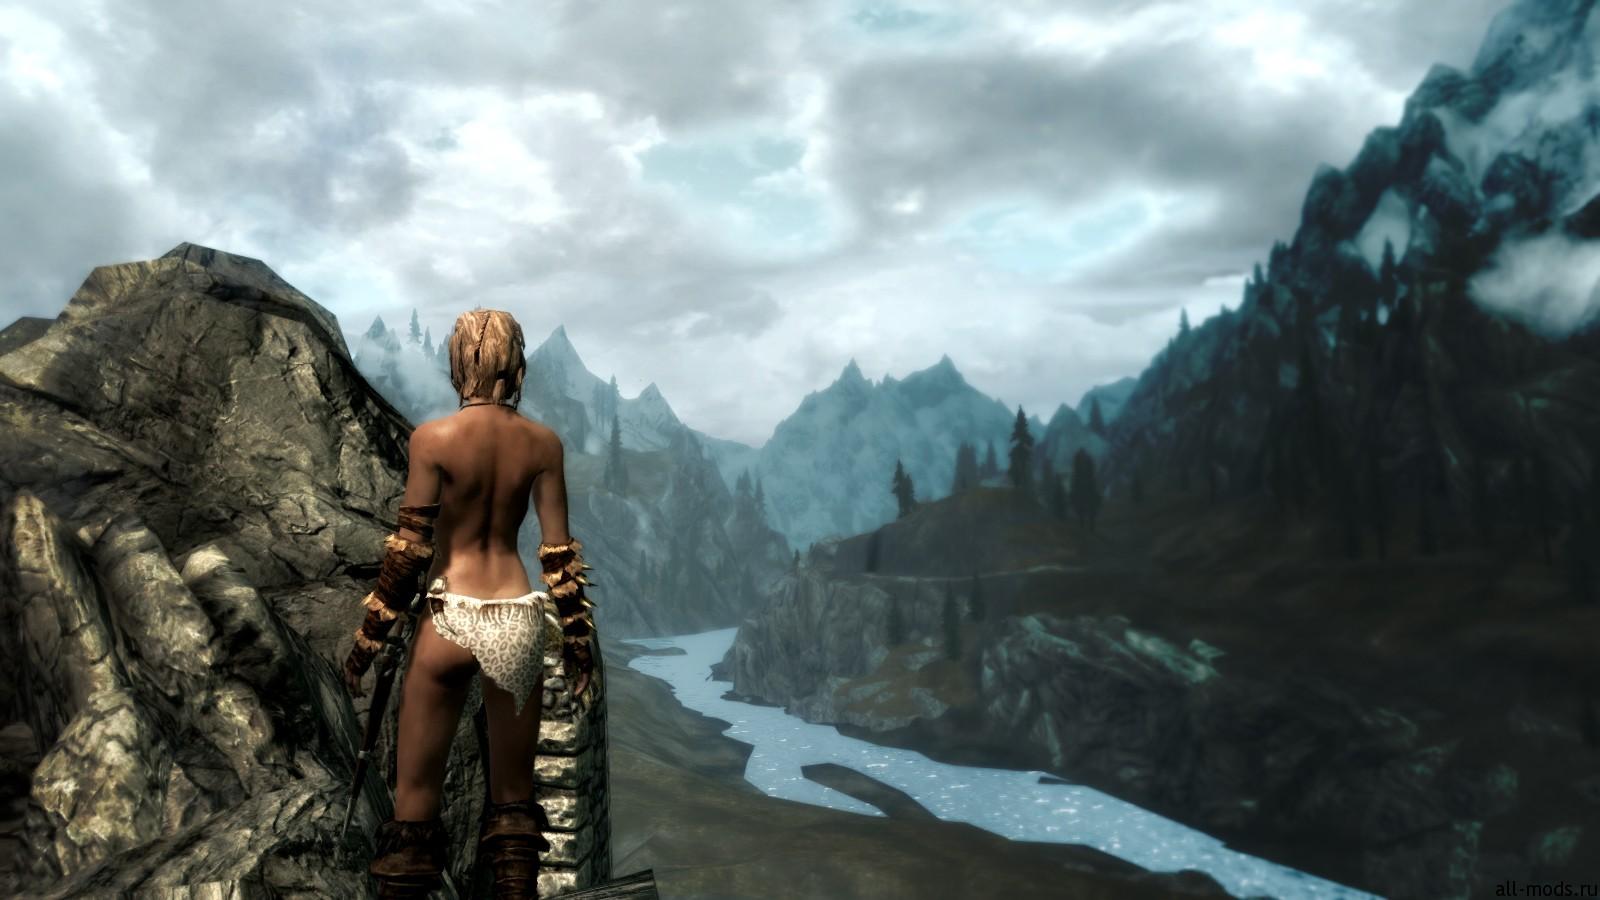 The elder scrolls 5 skyrim сексуальная броня